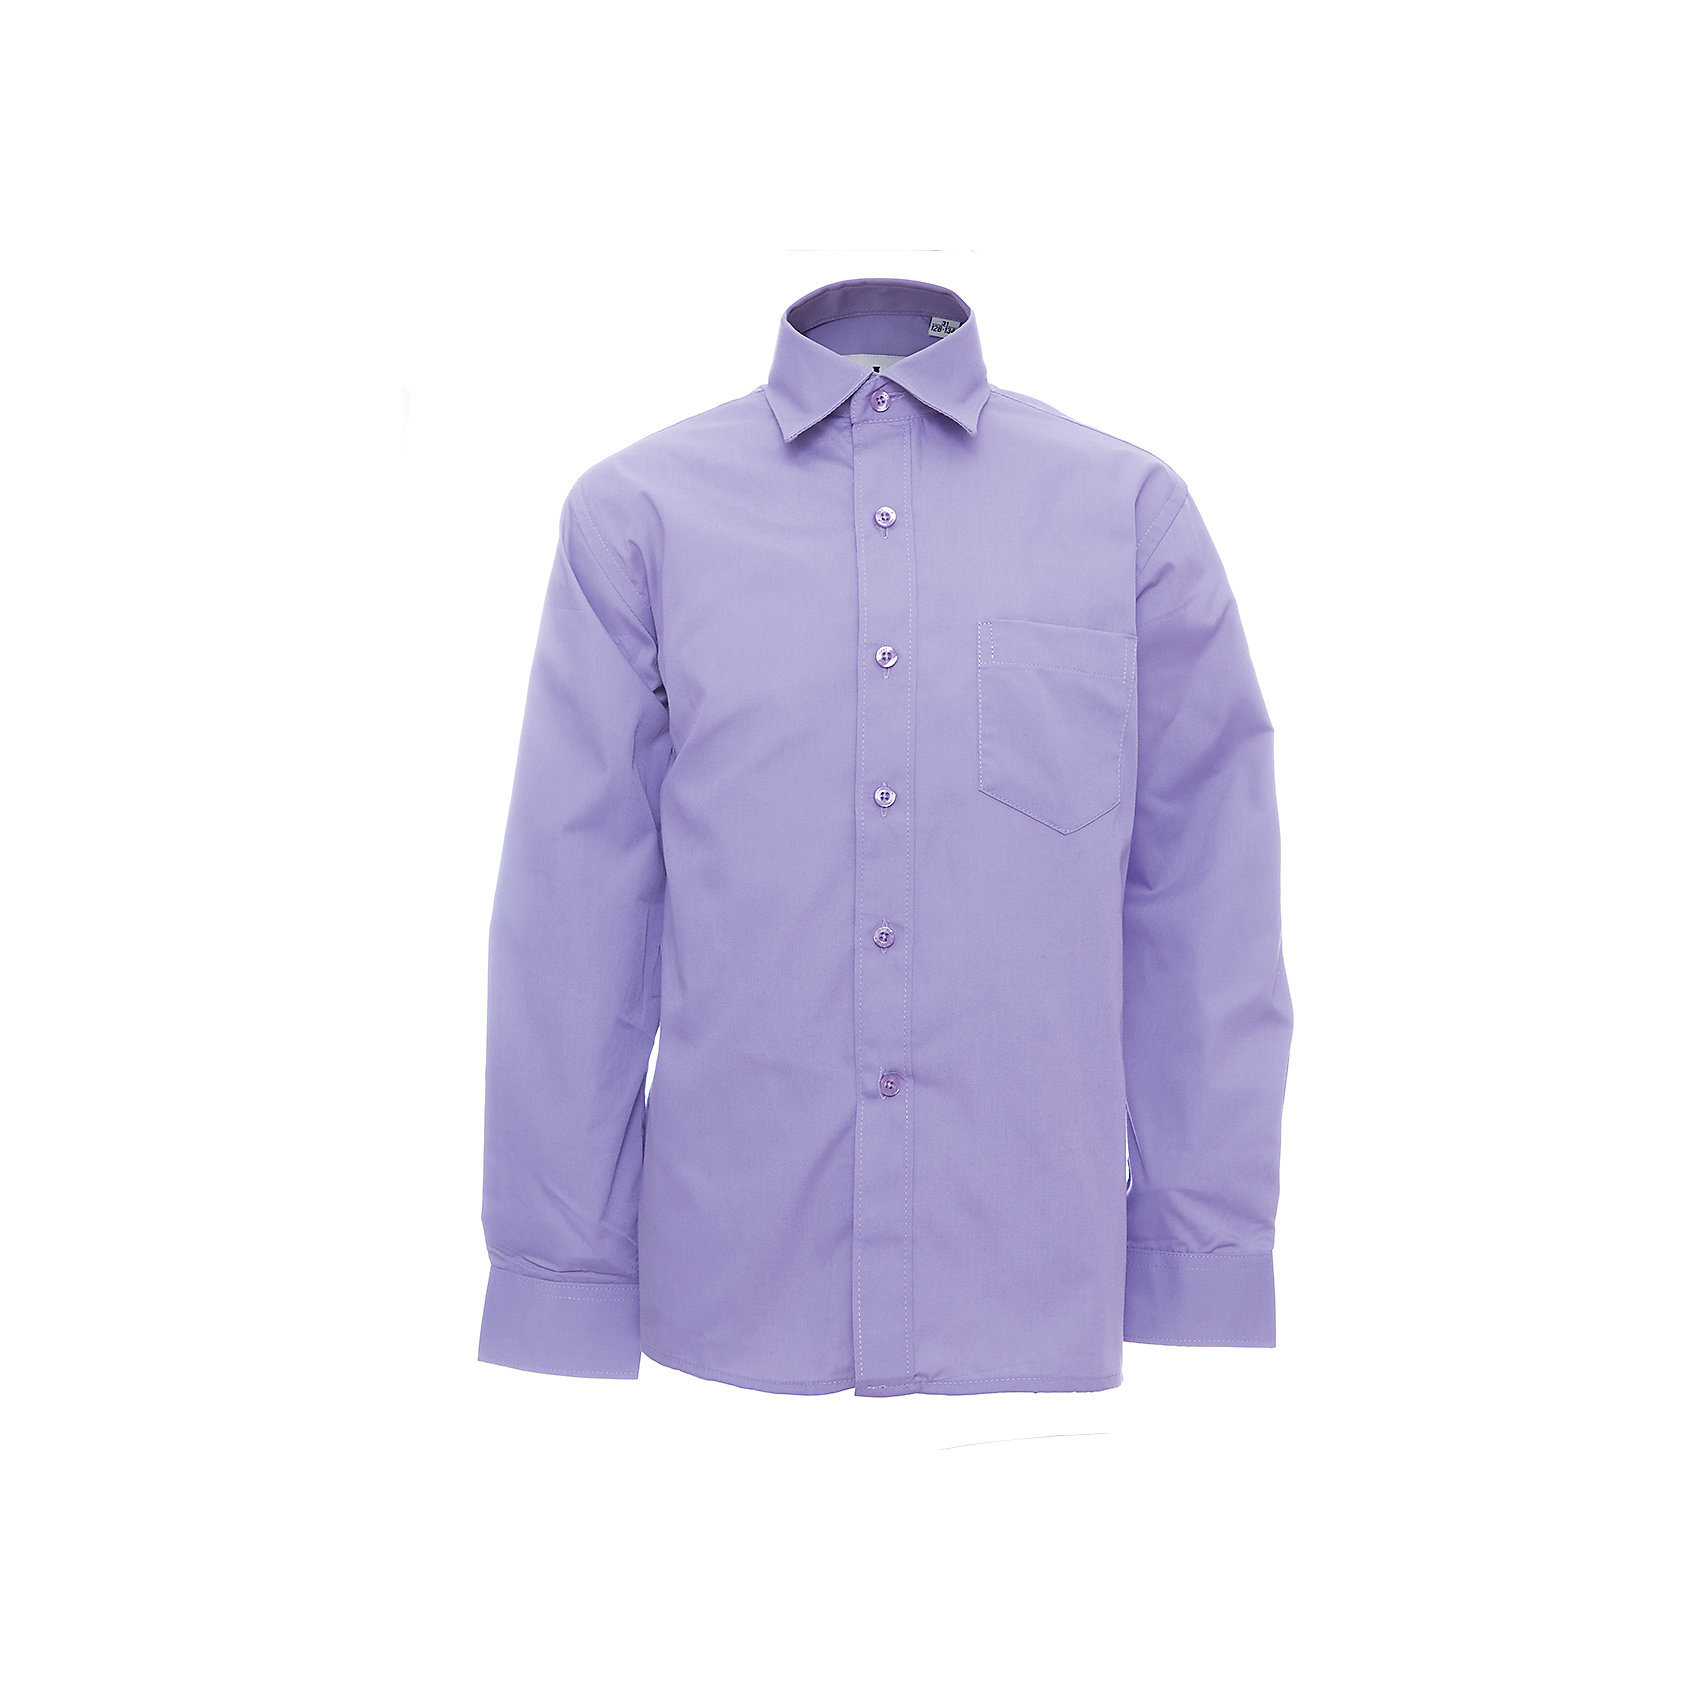 Рубашка CLASSIC для мальчика SkylakeБлузки и рубашки<br>Сорочка детская для мальчика<br>Состав:<br>80% хлопок, 20% п/э<br><br>Ширина мм: 174<br>Глубина мм: 10<br>Высота мм: 169<br>Вес г: 157<br>Цвет: лиловый<br>Возраст от месяцев: 144<br>Возраст до месяцев: 156<br>Пол: Мужской<br>Возраст: Детский<br>Размер: 158,122,128,146,152<br>SKU: 6772831